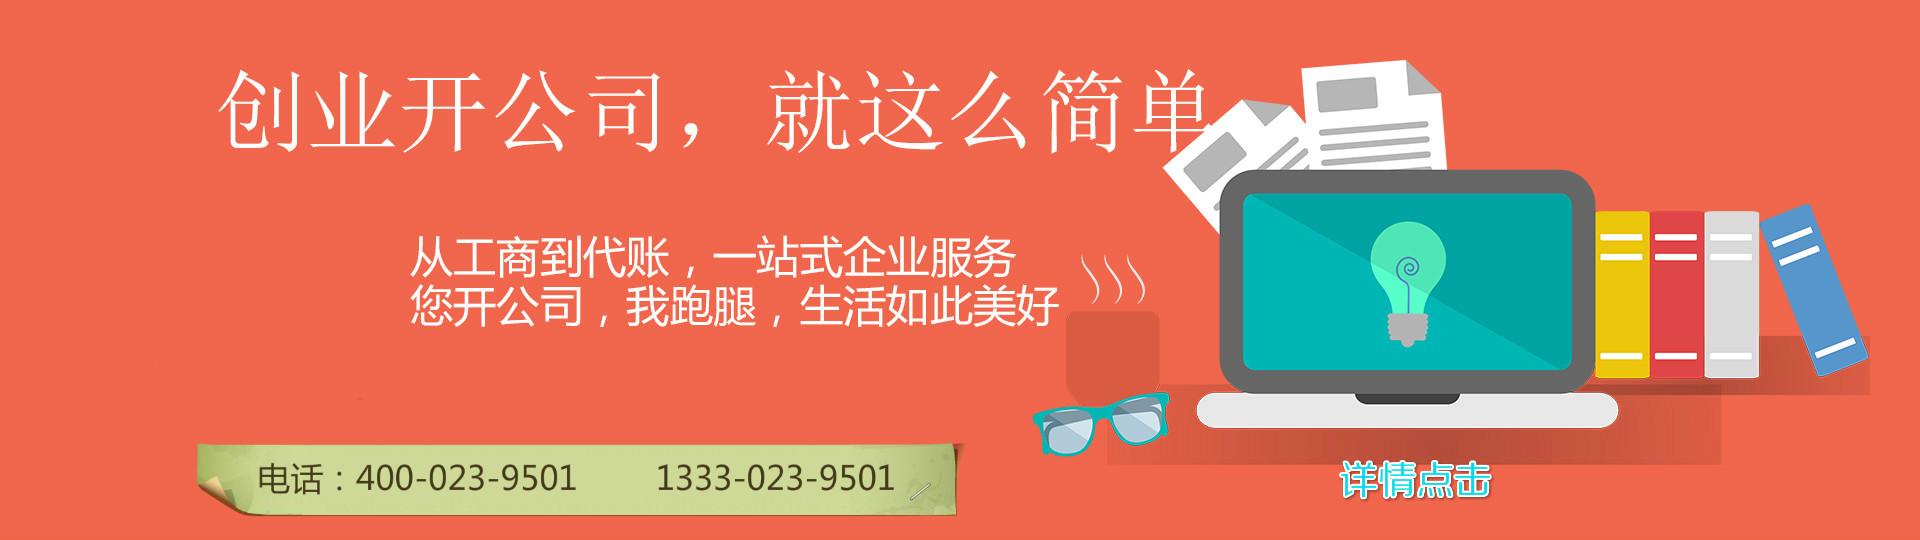 重庆公司注册程序及资料